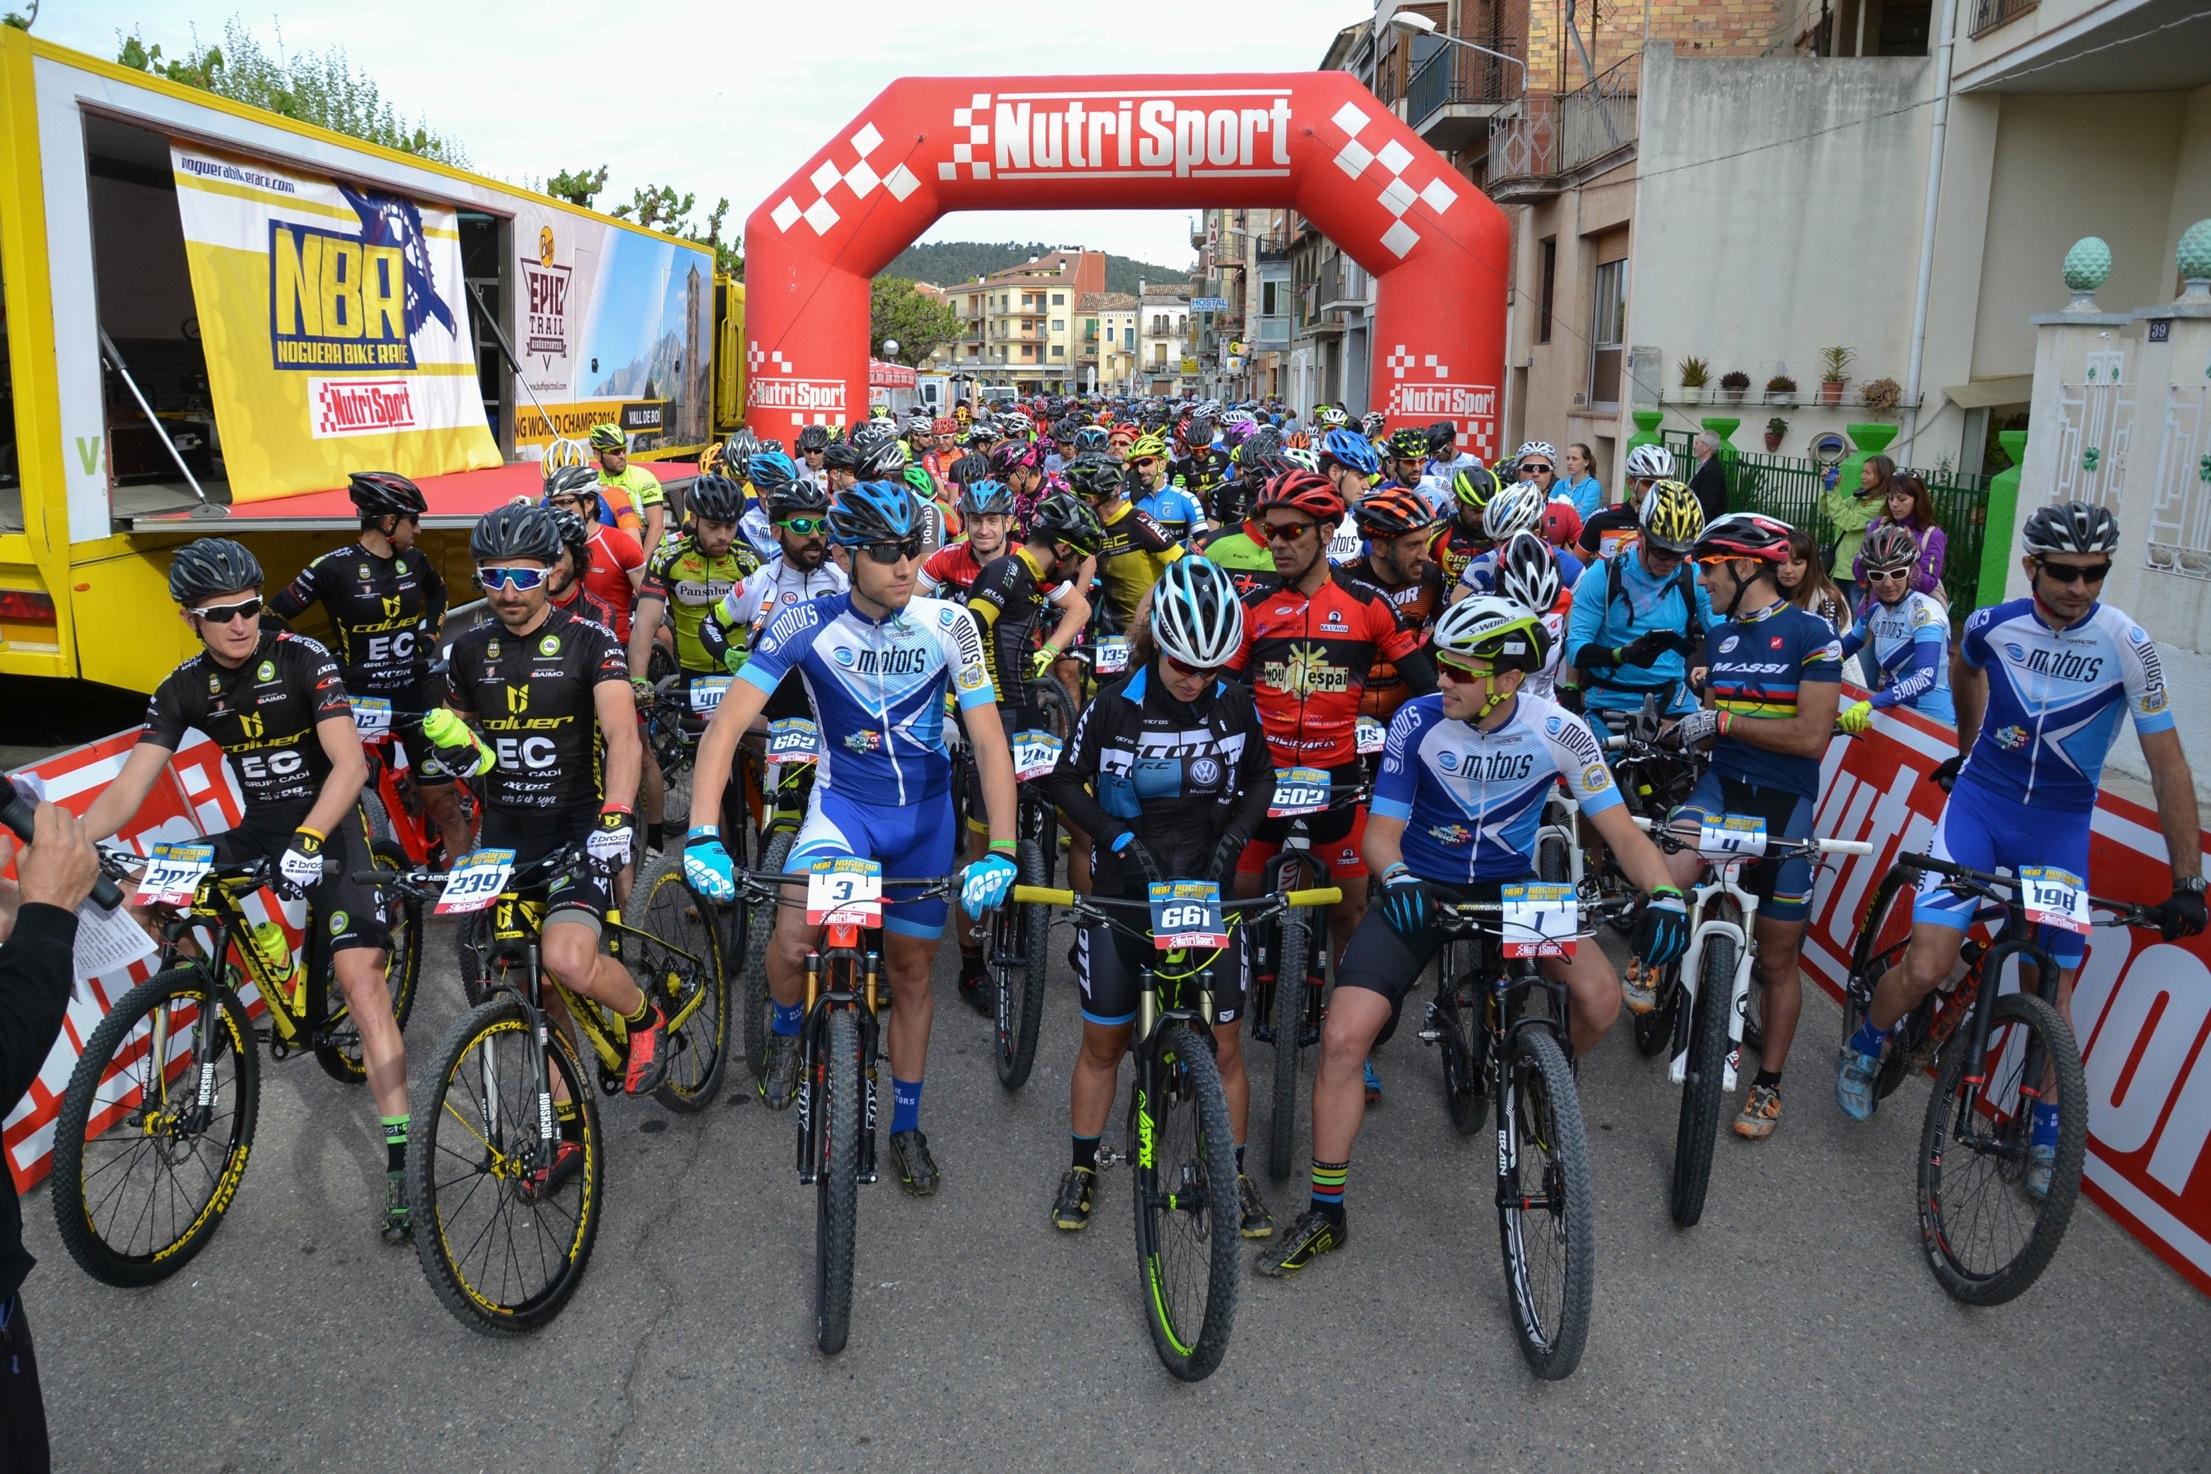 Israel Núñez i Mar Franco líders de la Nutrisport Noguera Bike Race després de la primera etapa